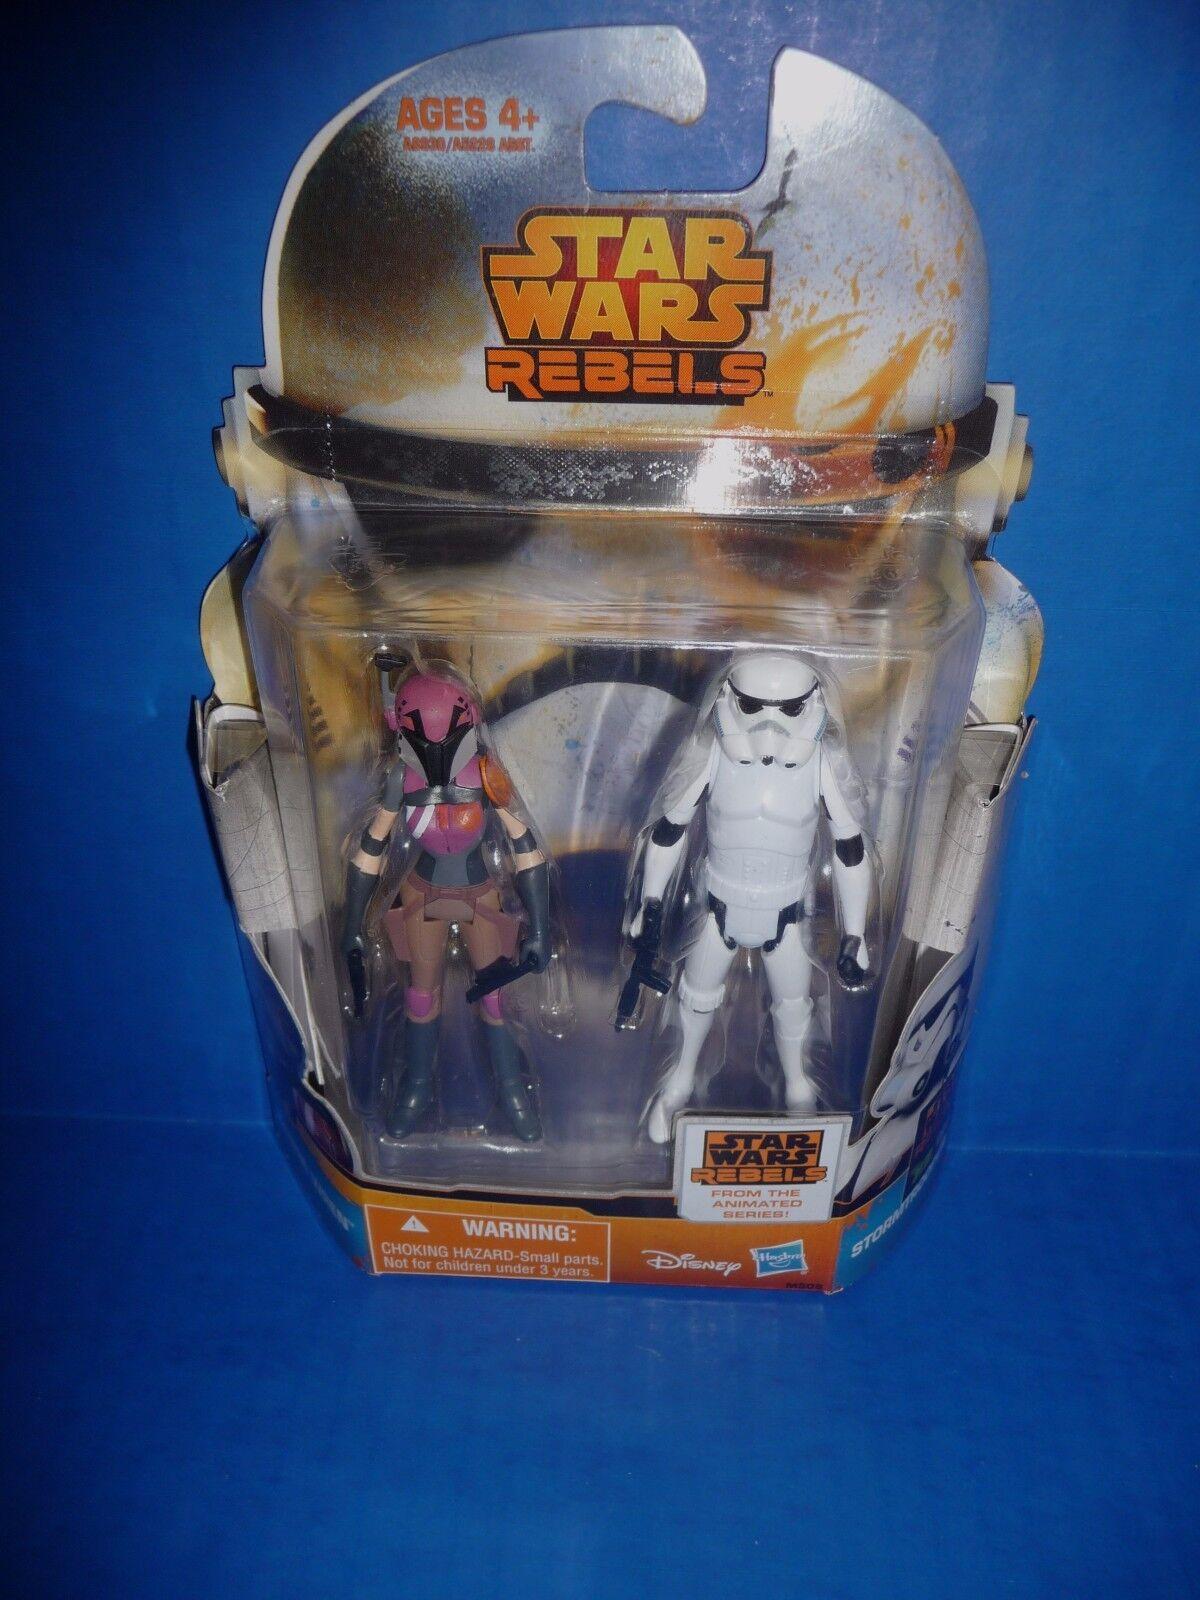 garantía de crédito Estrella WARS REBELDES SABINE WREN & Stormtrooper misión serie figura figura figura 2-Pack  nuevo   tiendas minoristas